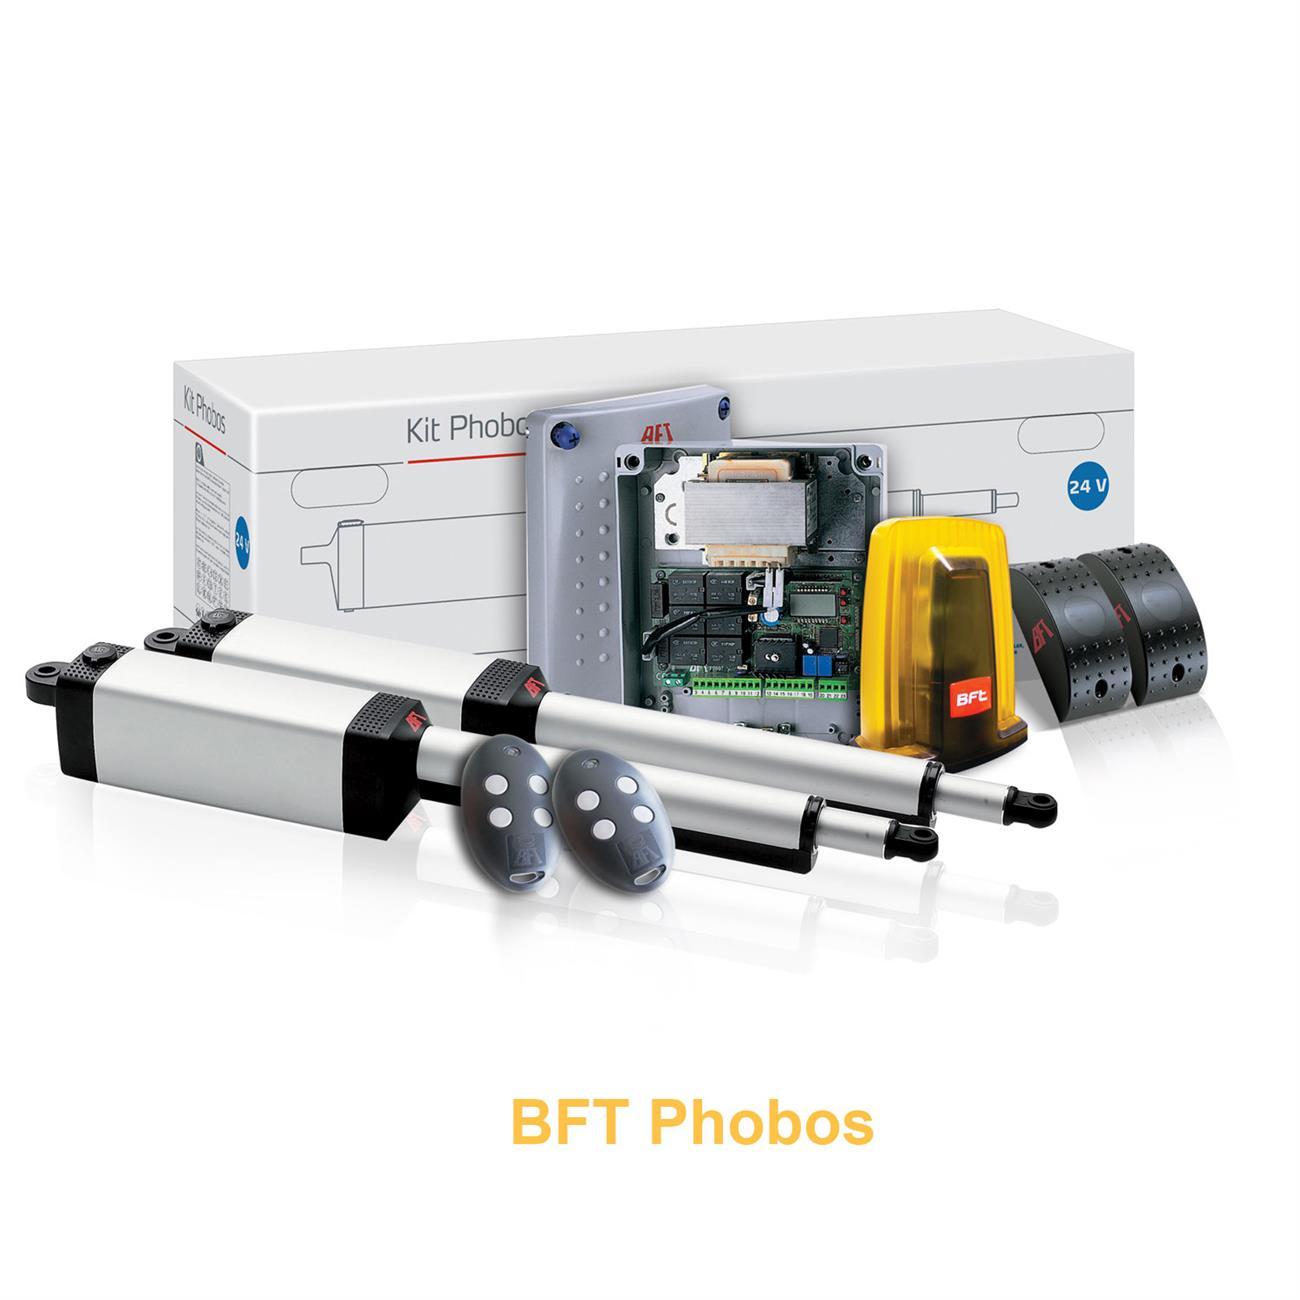 جک بازویی BFT مدل Phobos-BT